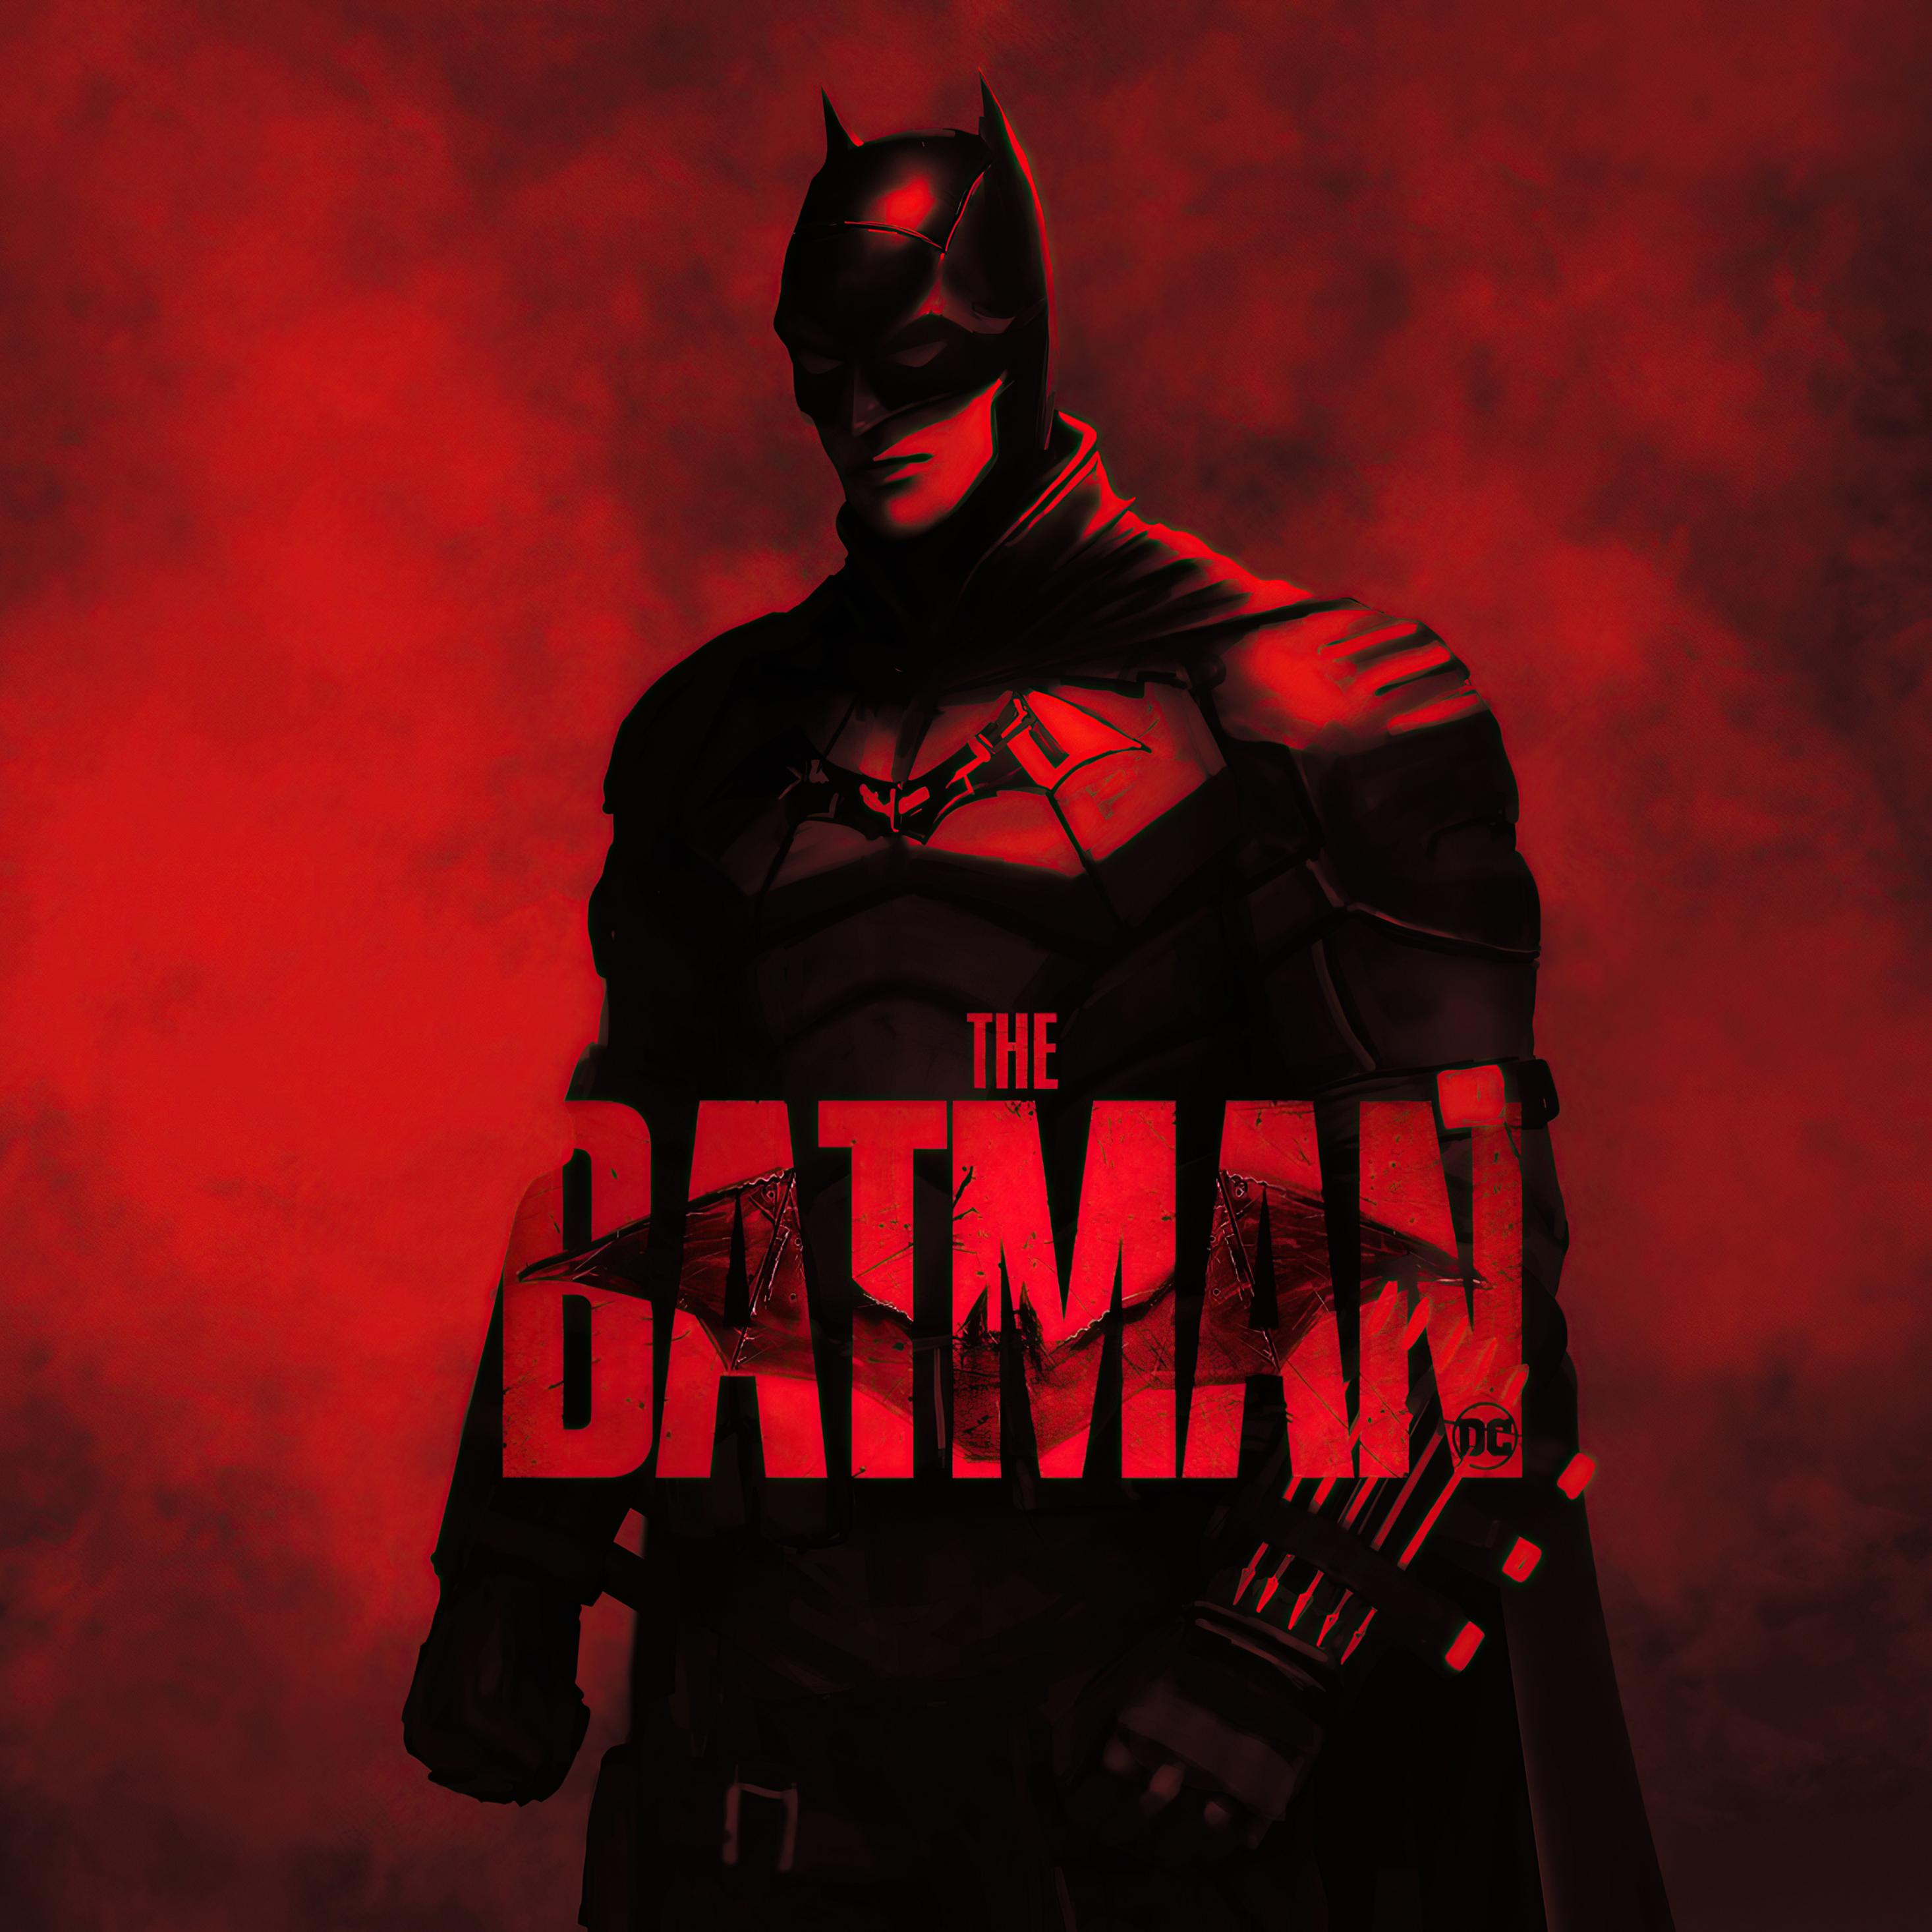 2932x2932 The Batman Dc 2021 Ipad Pro Retina Display HD 4k ...